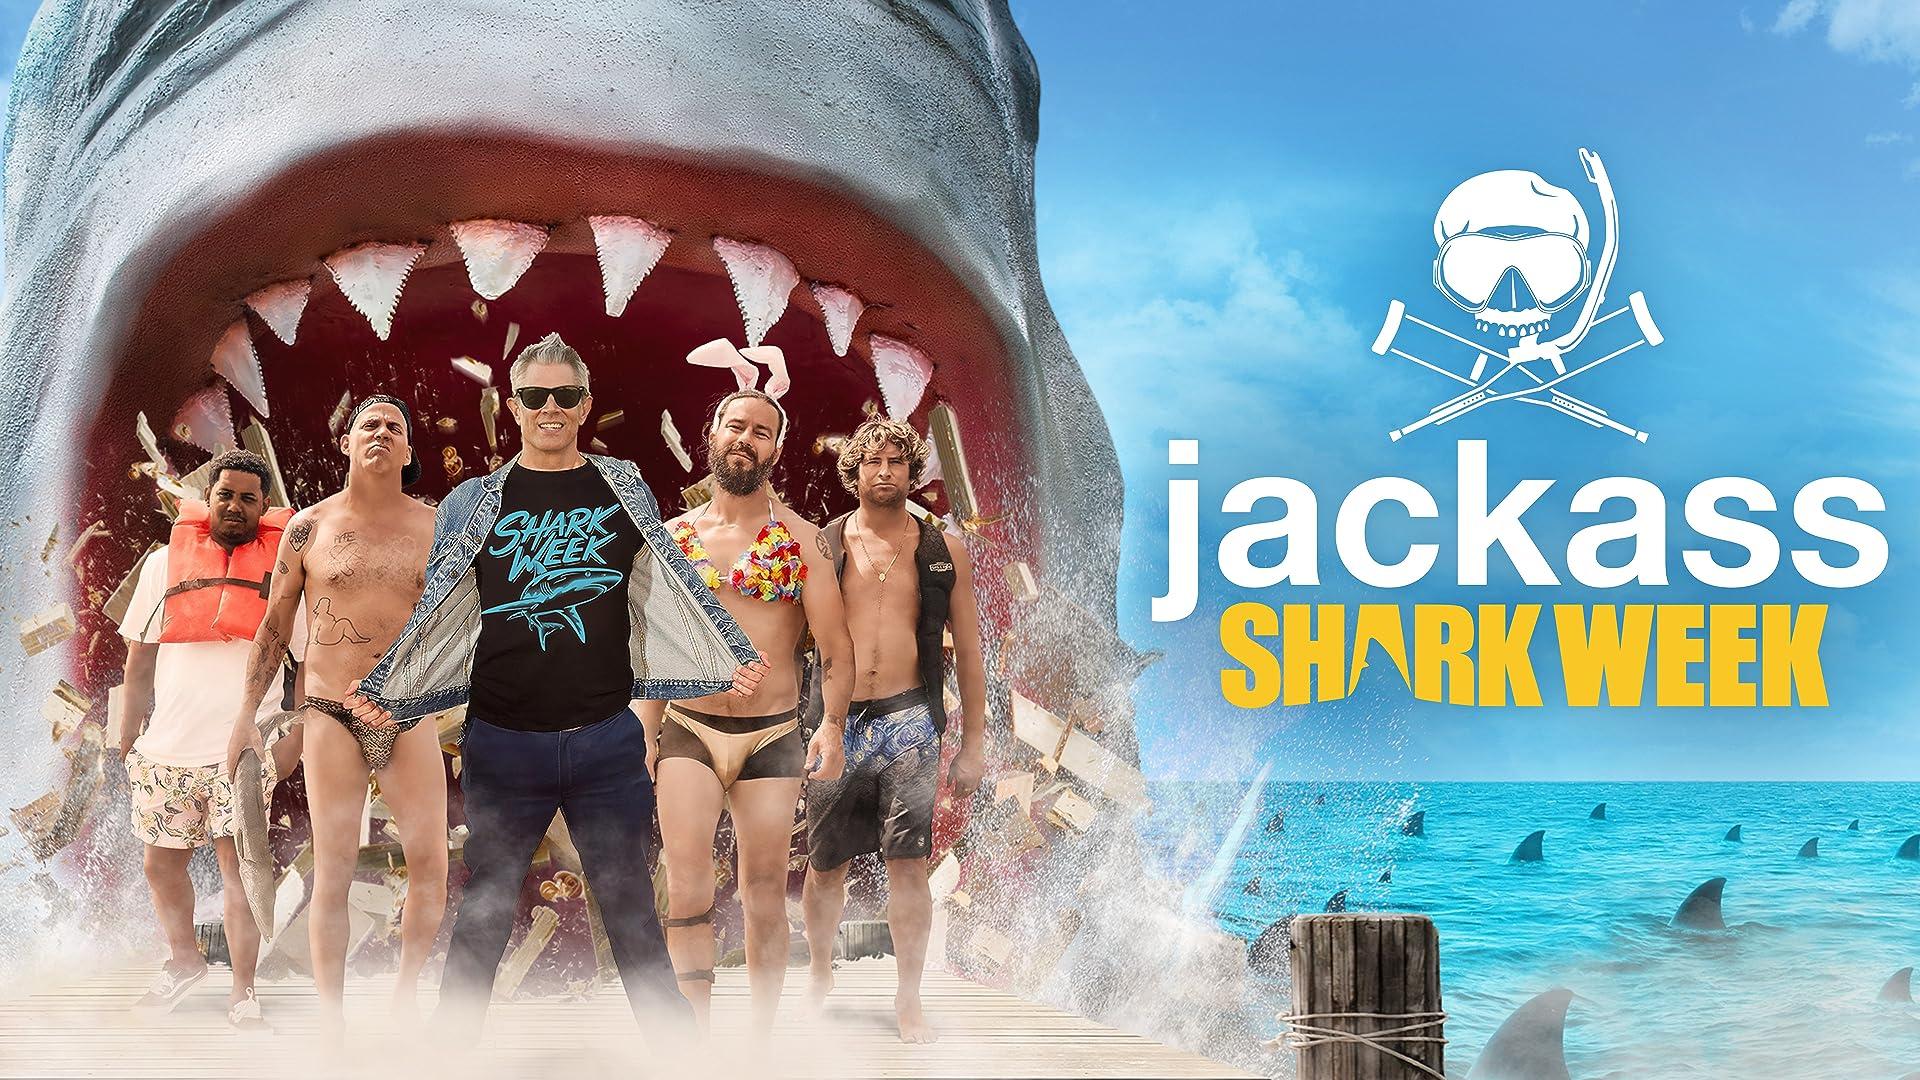 Jackass Shark Week - Season 1